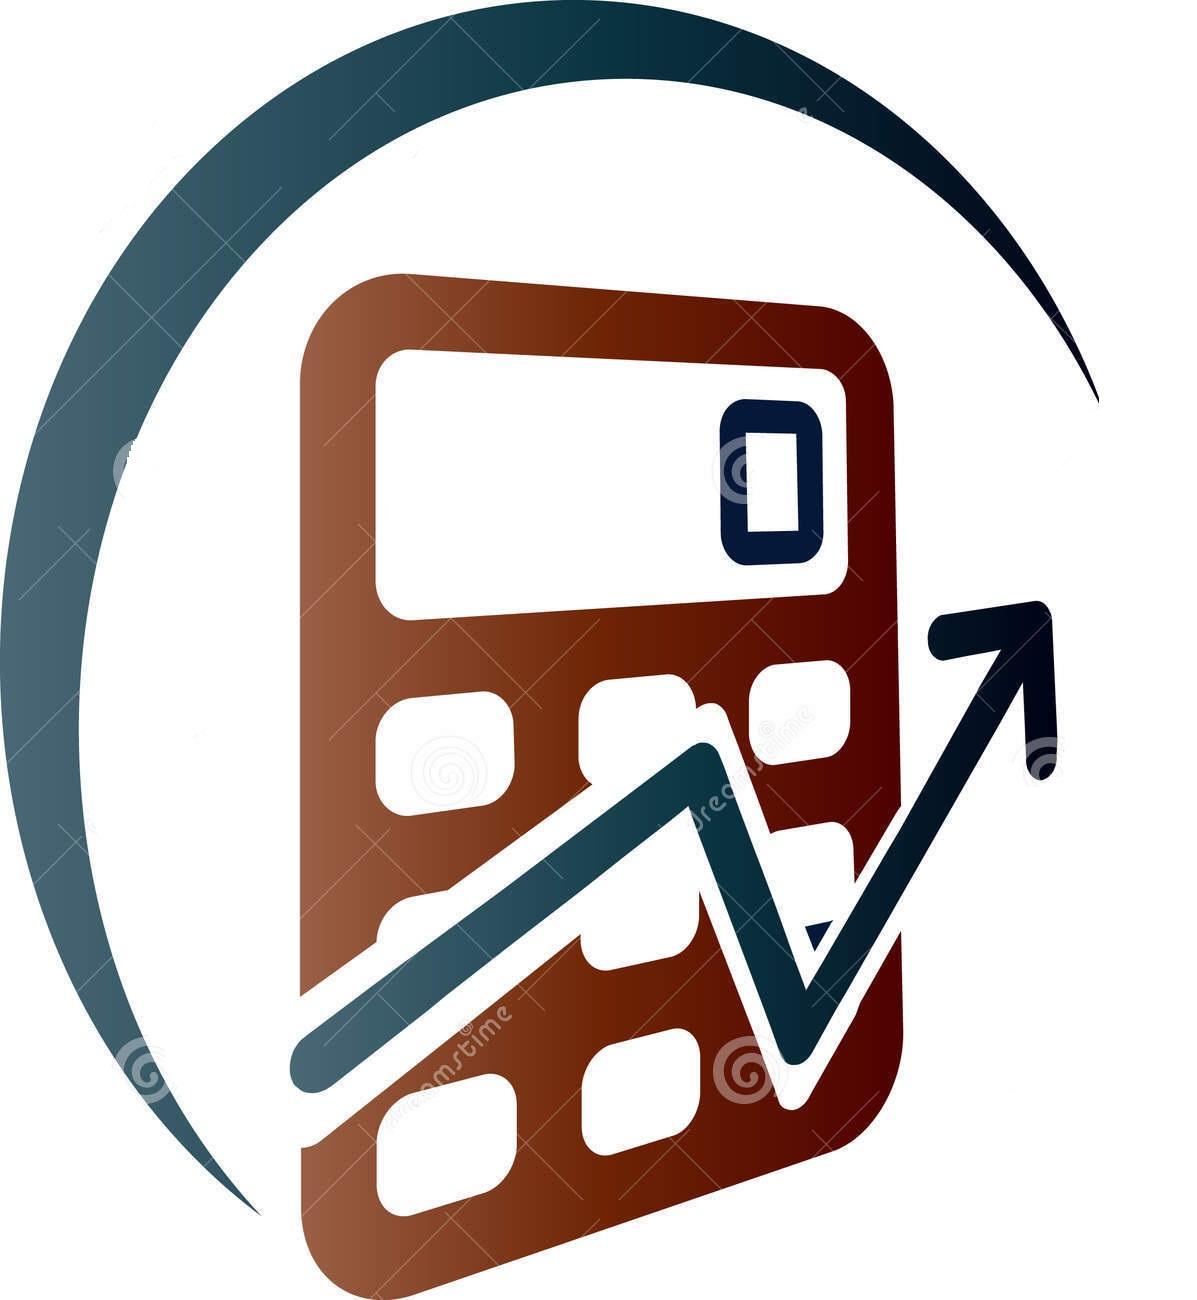 asesoria fiscal juridica contable y laboral e inmobiliaria asesoria fiscal juridica contable y laboral e inmobiliaria